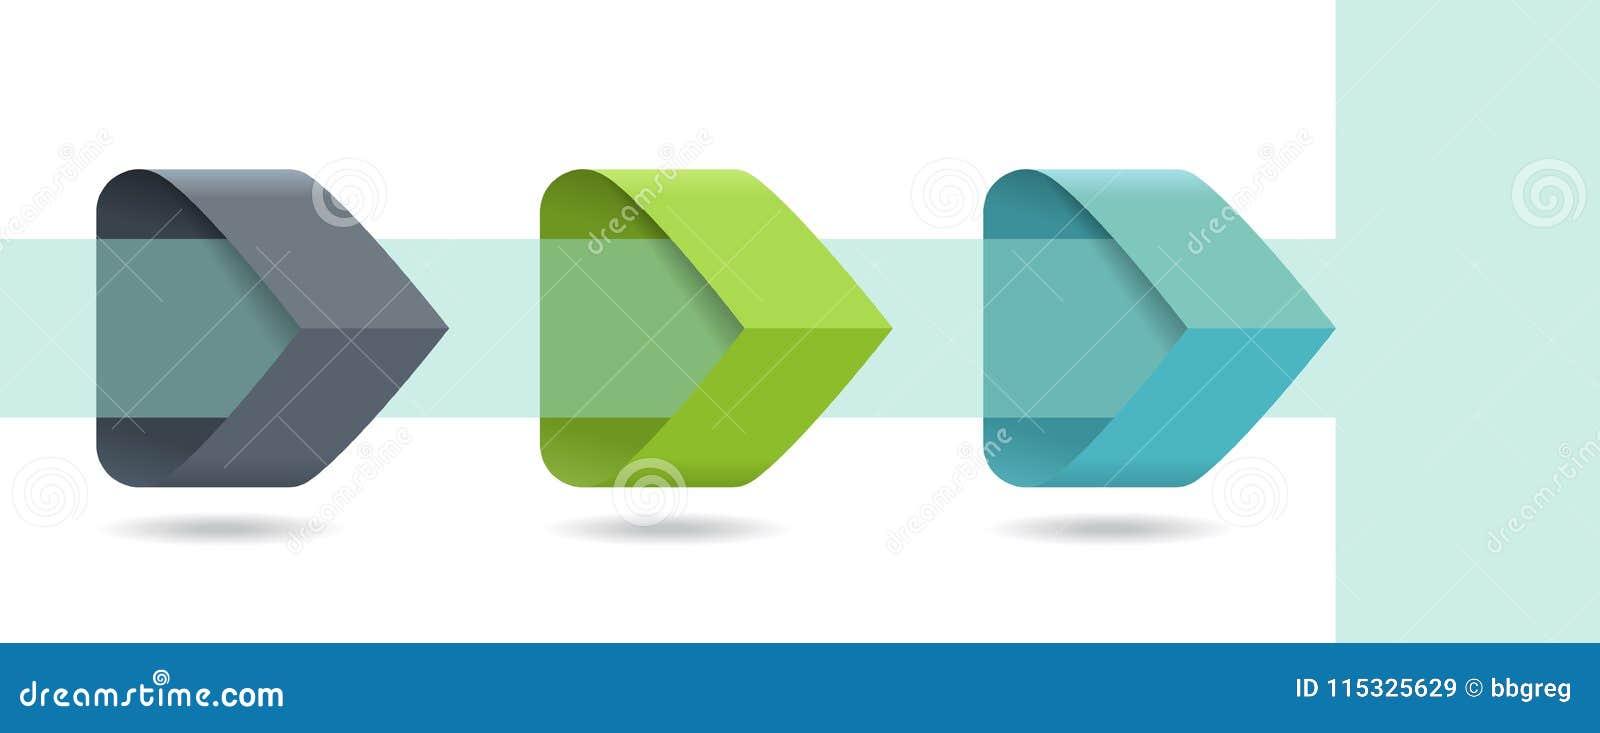 Infographic pilar med moment 3 upp alternativ och glass beståndsdelar Mall i plan designstil